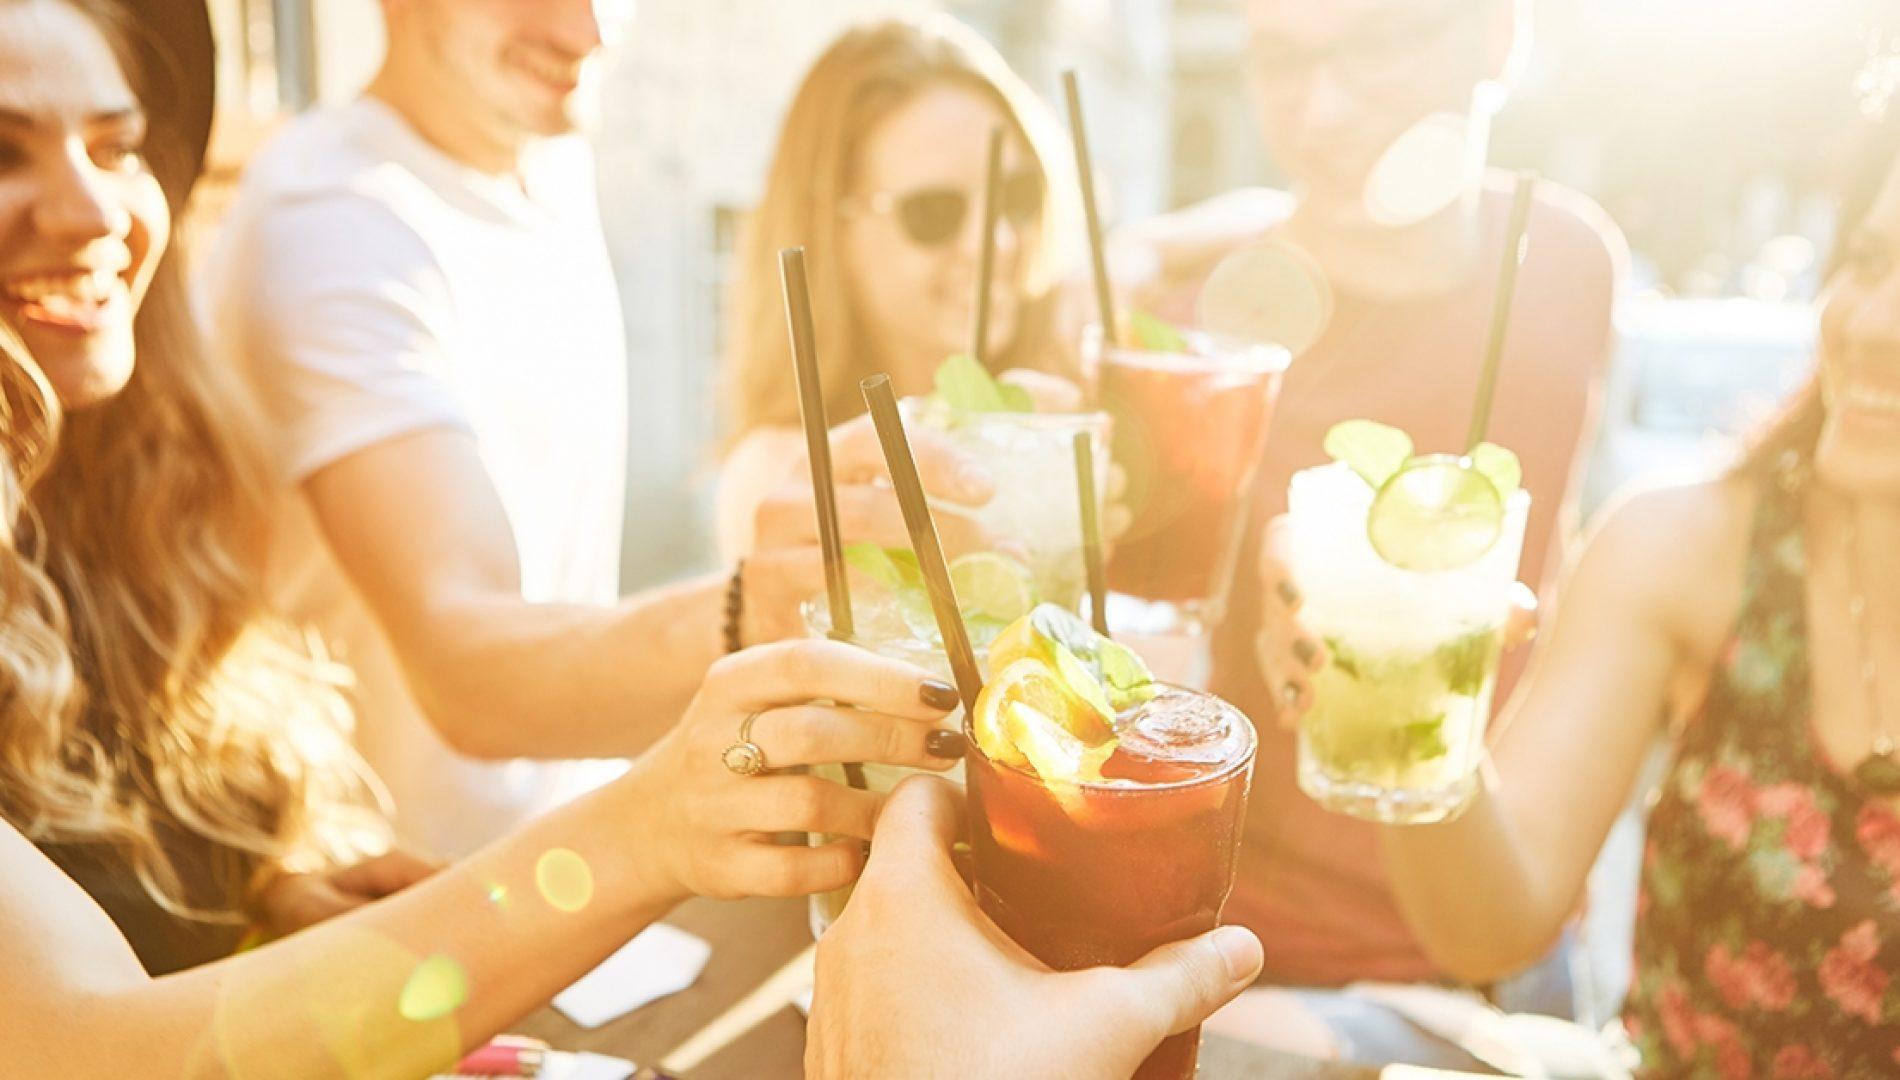 Vakantiestemming dankzij deze 5 cocktails